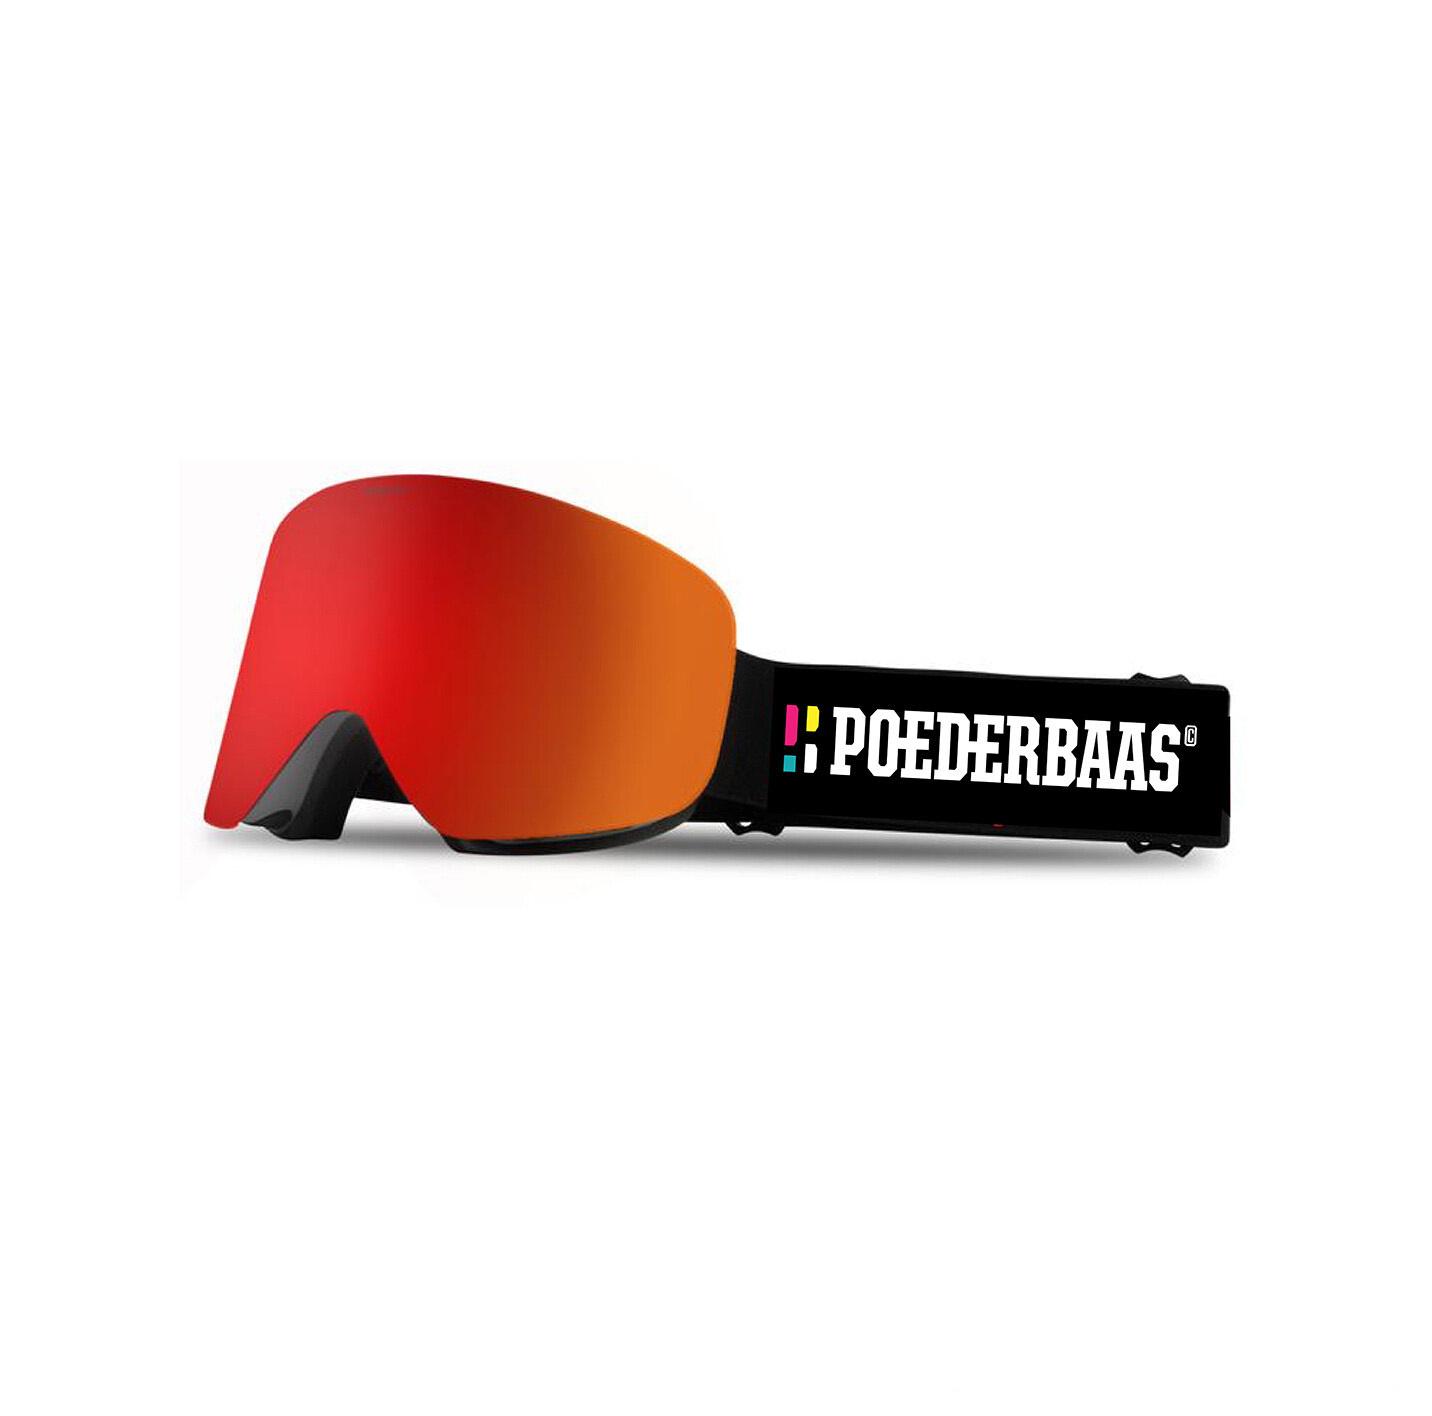 Een skibril die geschikt is voor slecht zicht weer